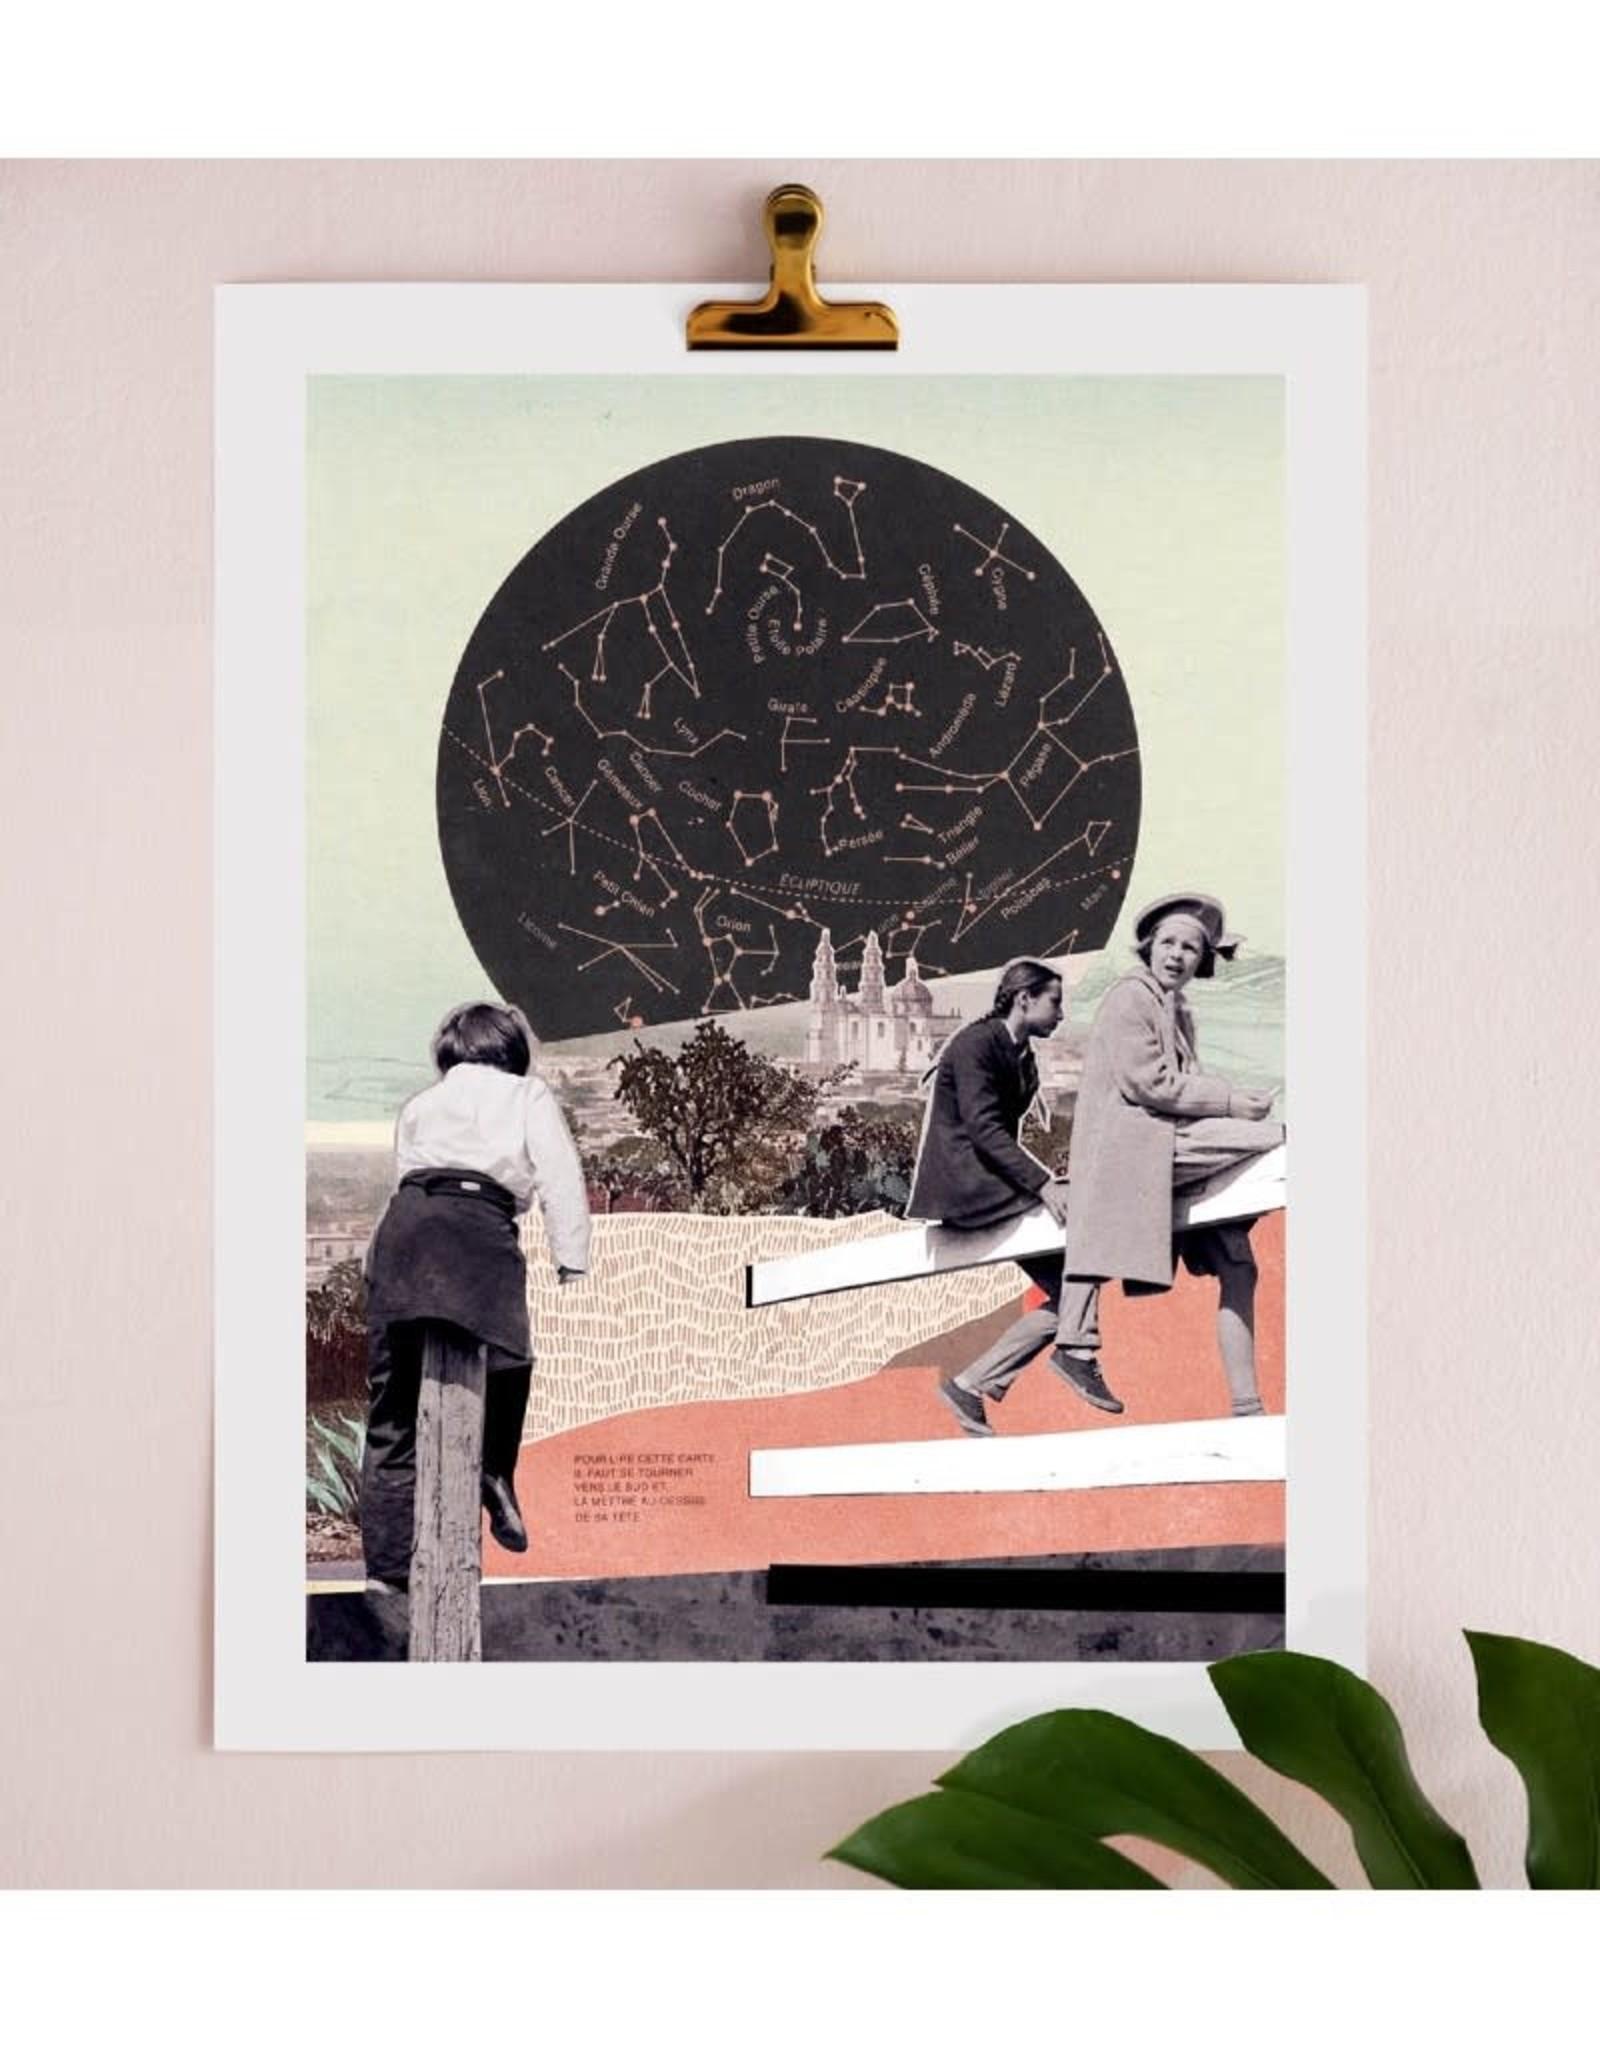 DRÉA Collage Affiche 11X14 Étoile Polaire Dréa Collage